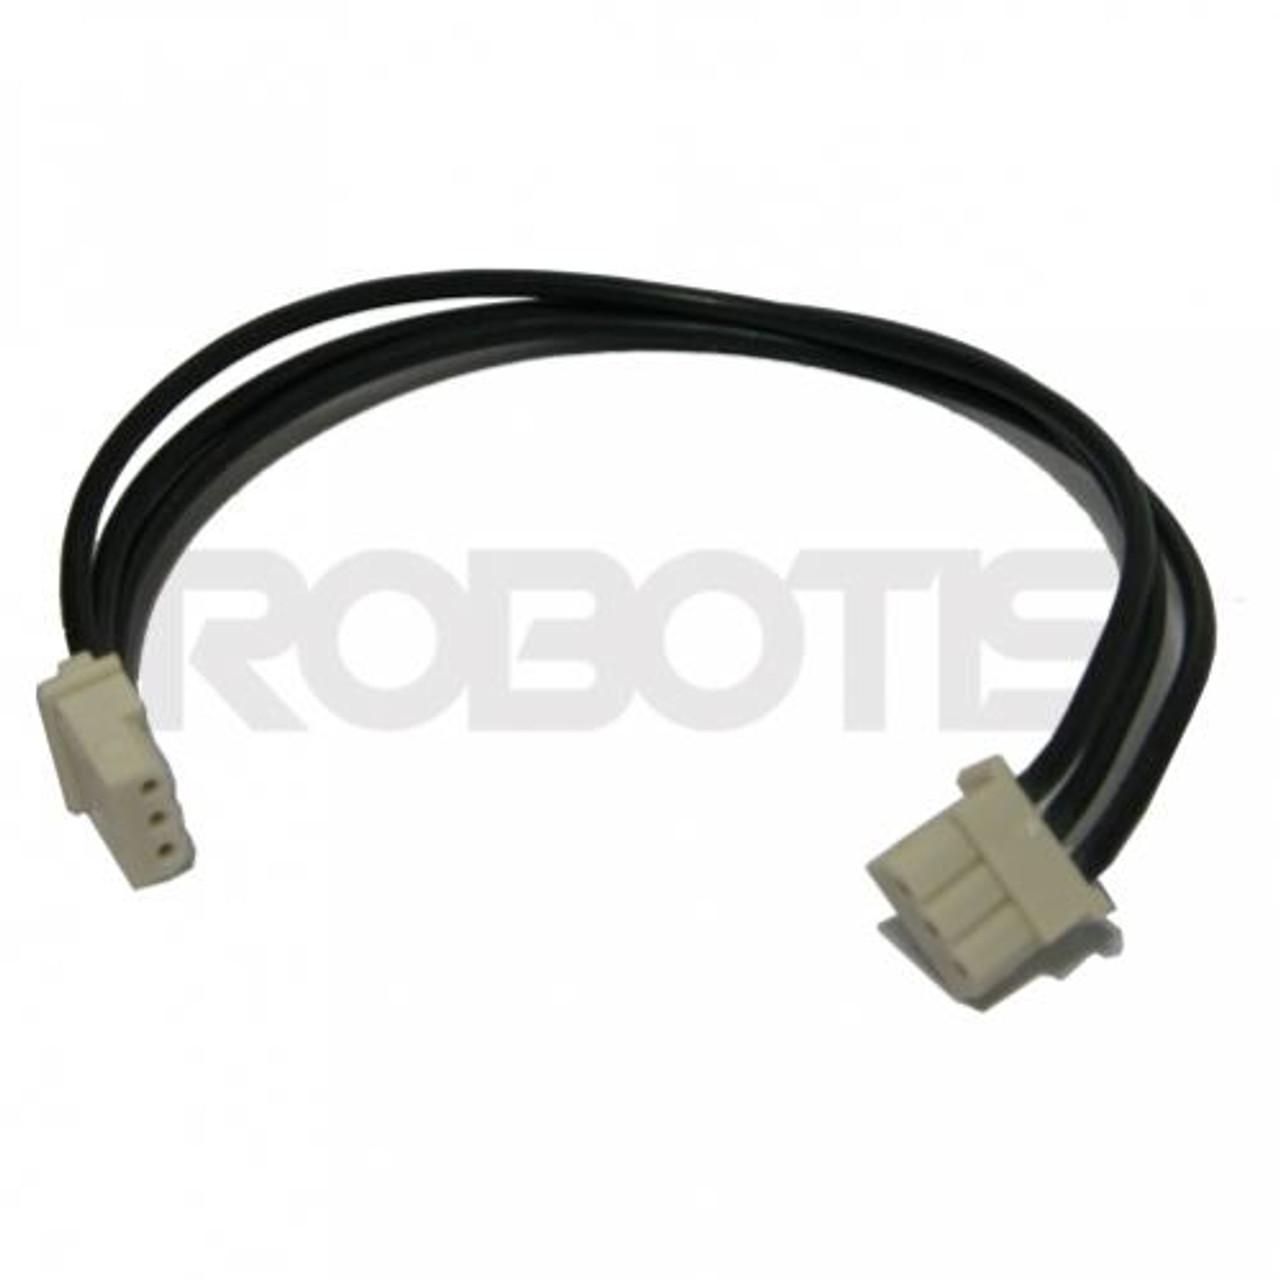 Robot Cable-3P 140mm 10pcs